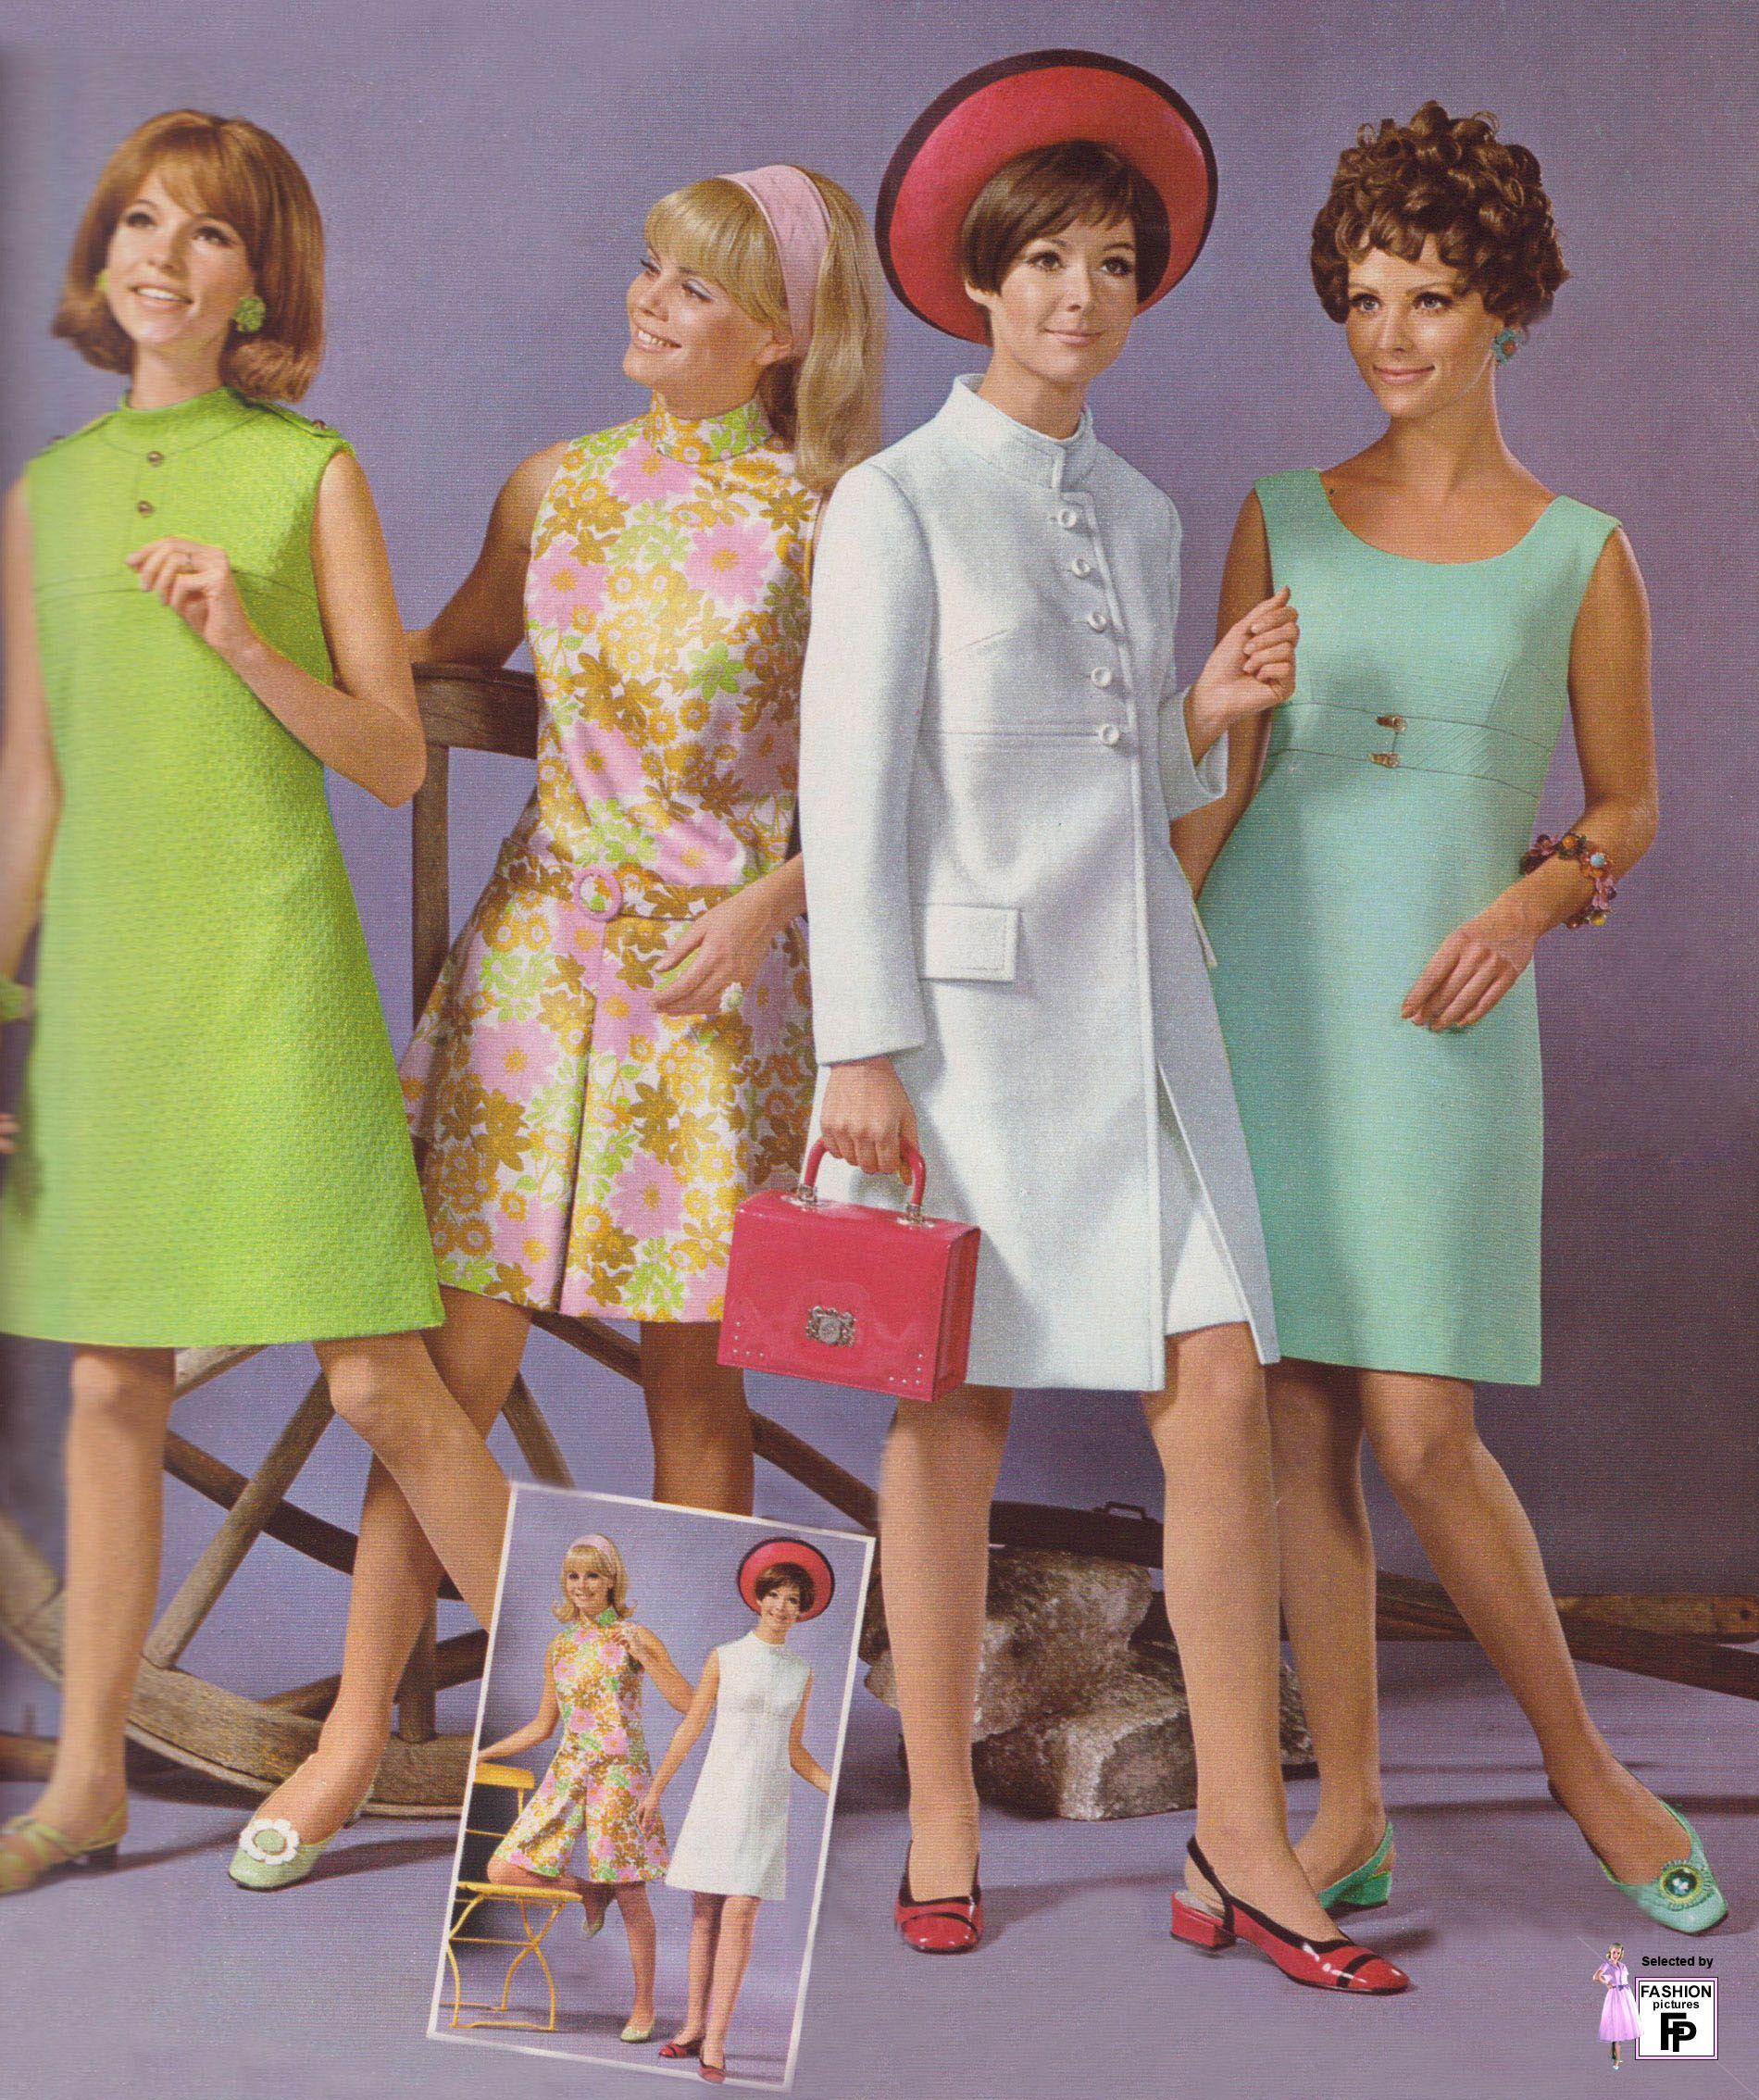 60s Dresses 1968 1 Ne 0005 Jpg Sixties Fashion Retro Fashion Fashion